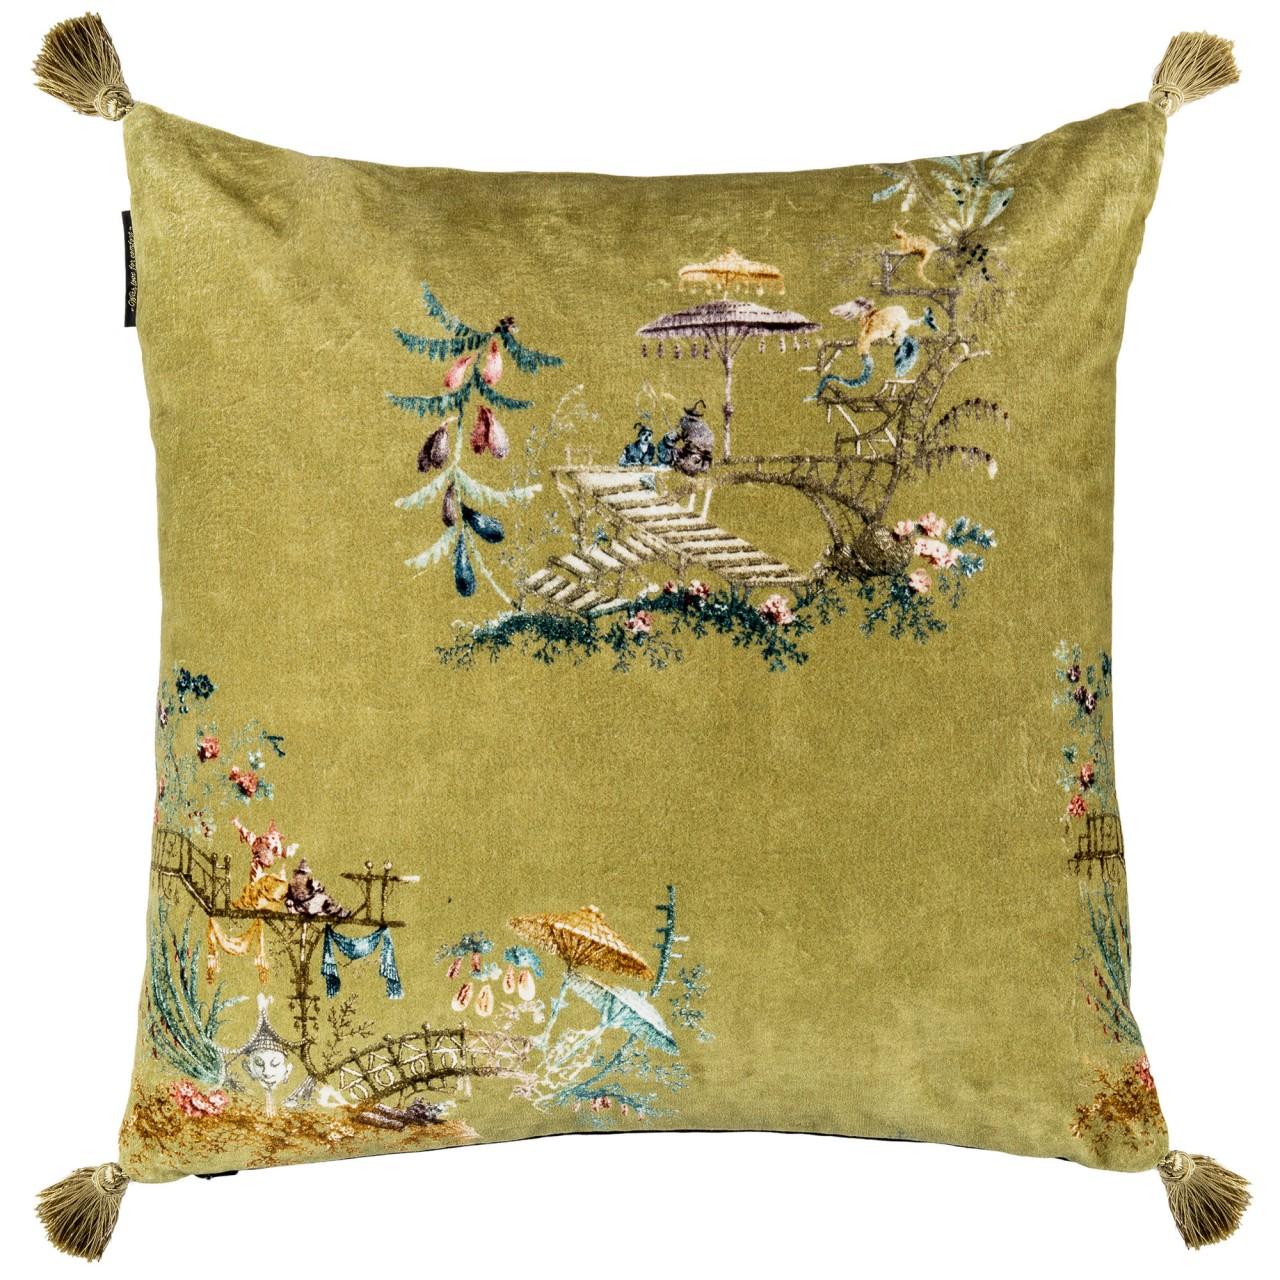 BIRDS OF THE GARDEN Velvet Embroidered Cushion